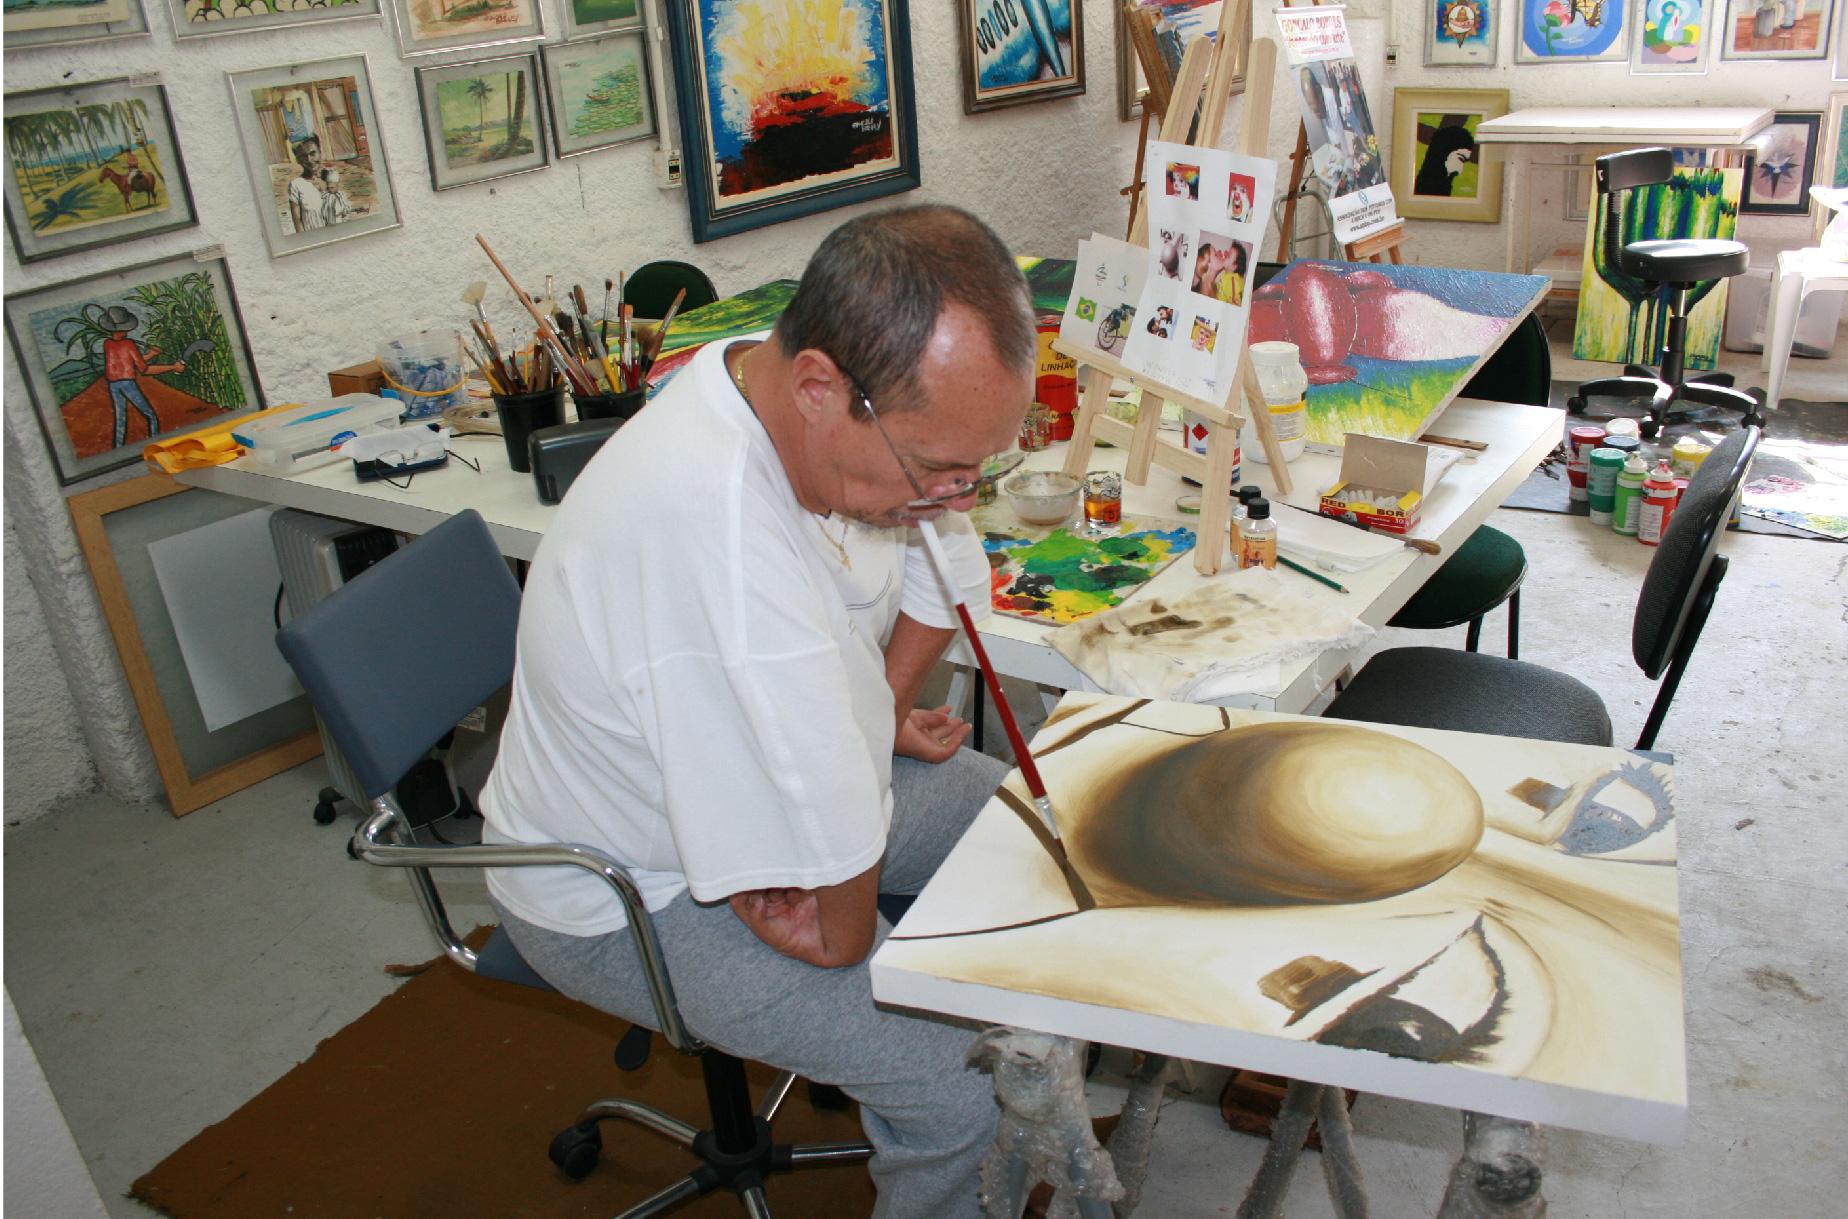 Associação dos Pintores com a Boca e os Pés é exemplo de inclusão no mercado de trabalho por meio da arte